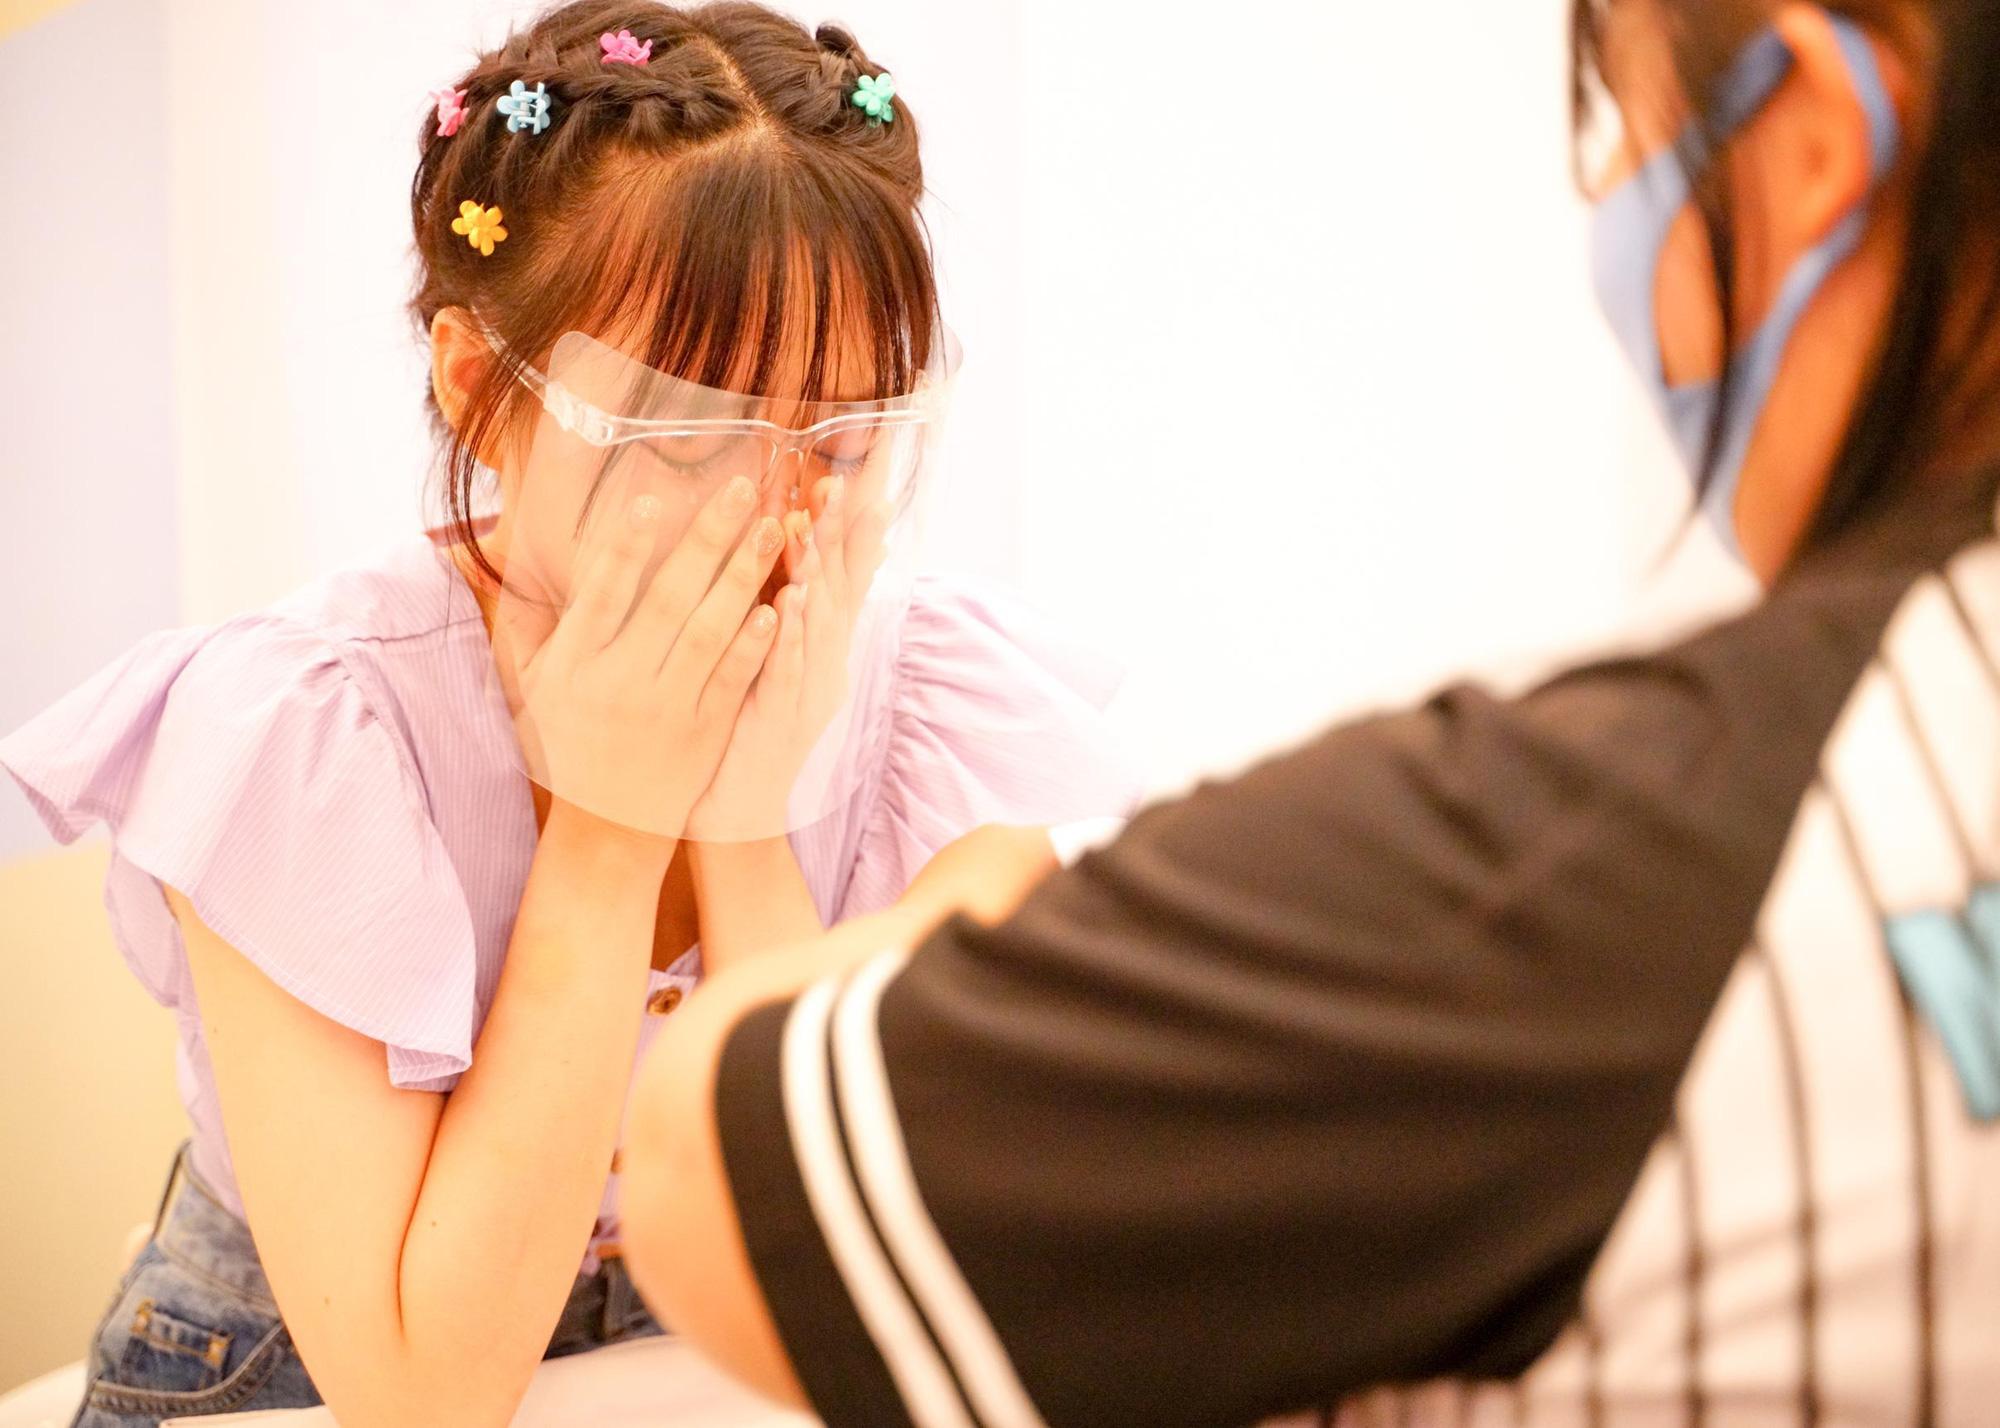 Lệ Trang chiến thắng ở sự kiện Handshake của SGO48, chính thức lọt top 16 trong single tiếp theo! - Ảnh 9.